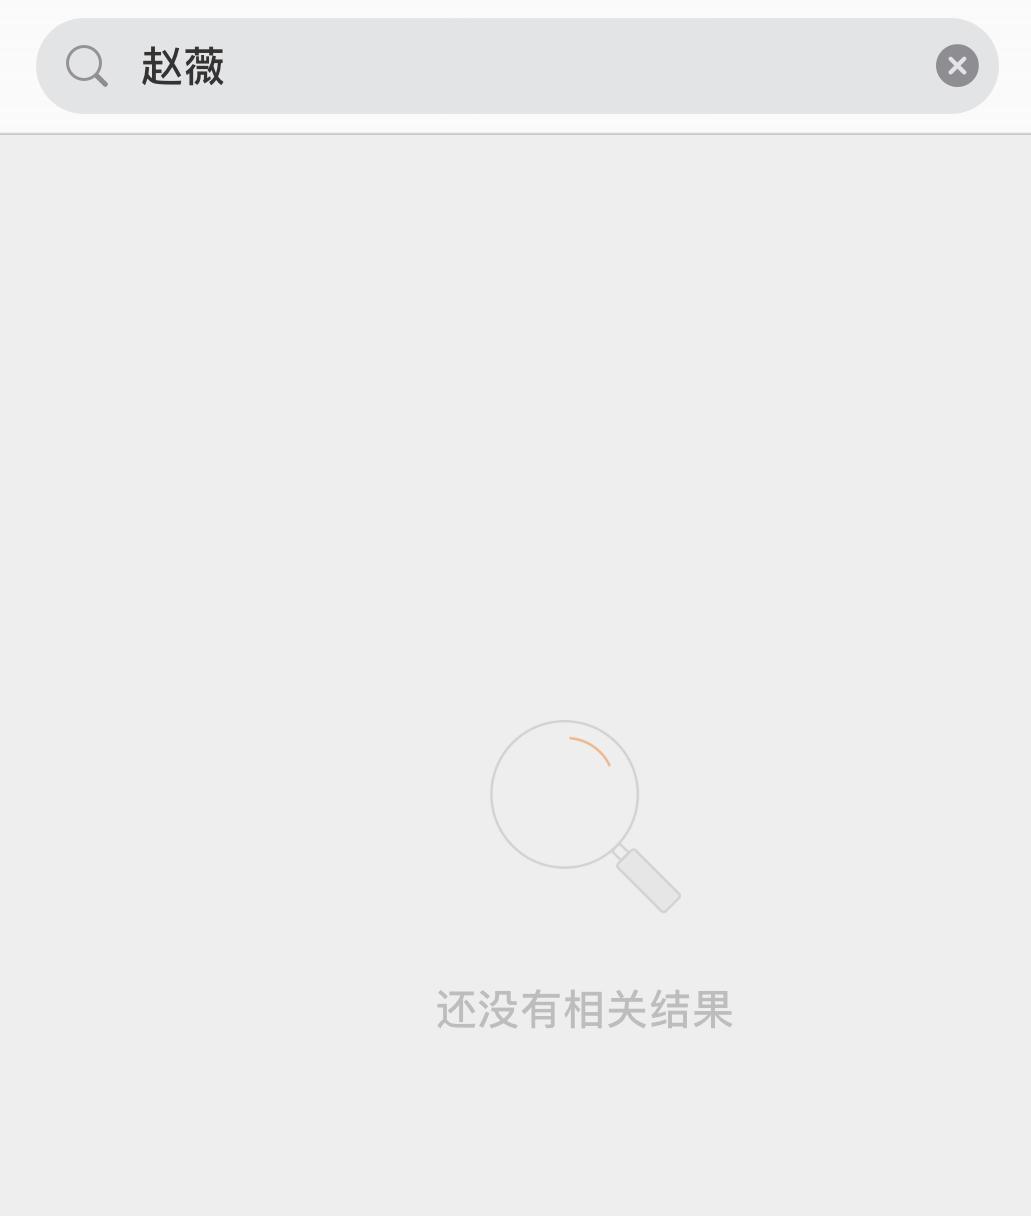 平安多家股权曾给公司赵薇大粉报